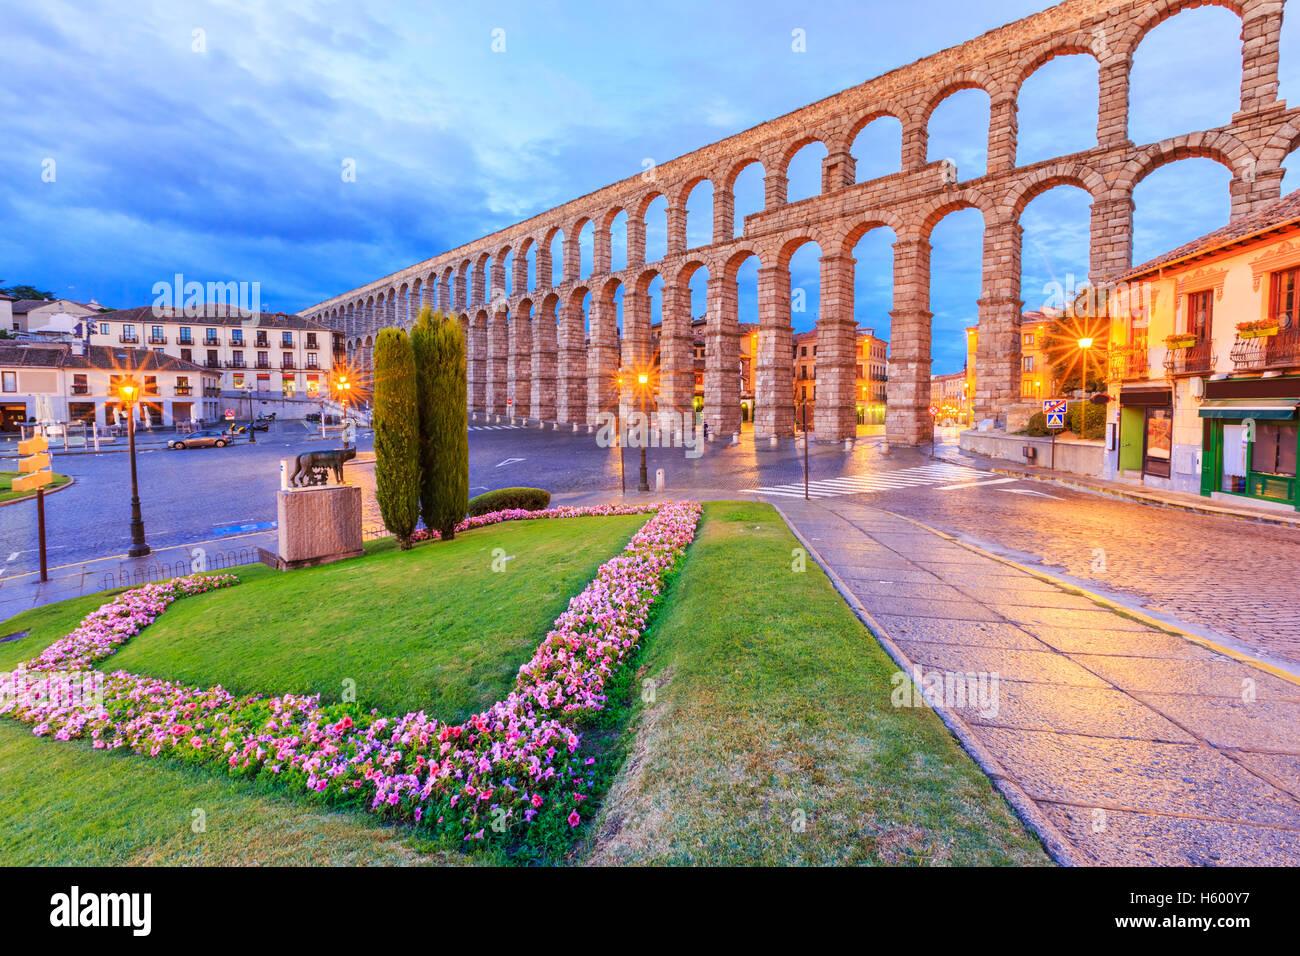 Segovia, Spain. - Stock Image